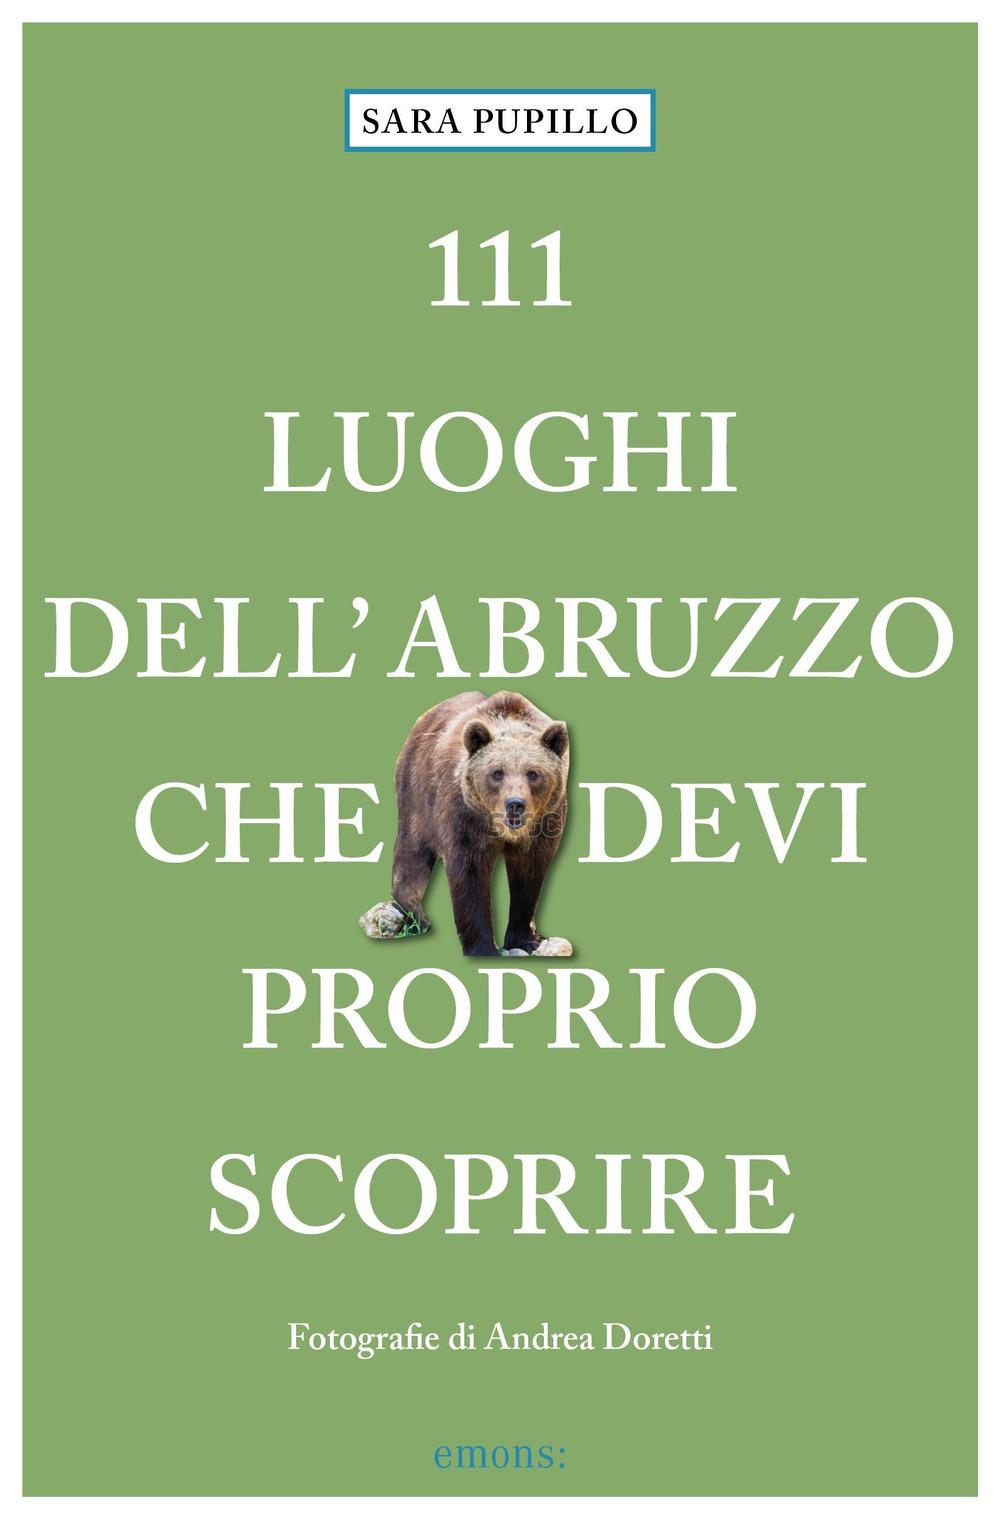 111 LUOGHI D'ABRUZZO CHE DEVI PROPRIO SCOPRIRE - Pupillo Sara - 9783740812263